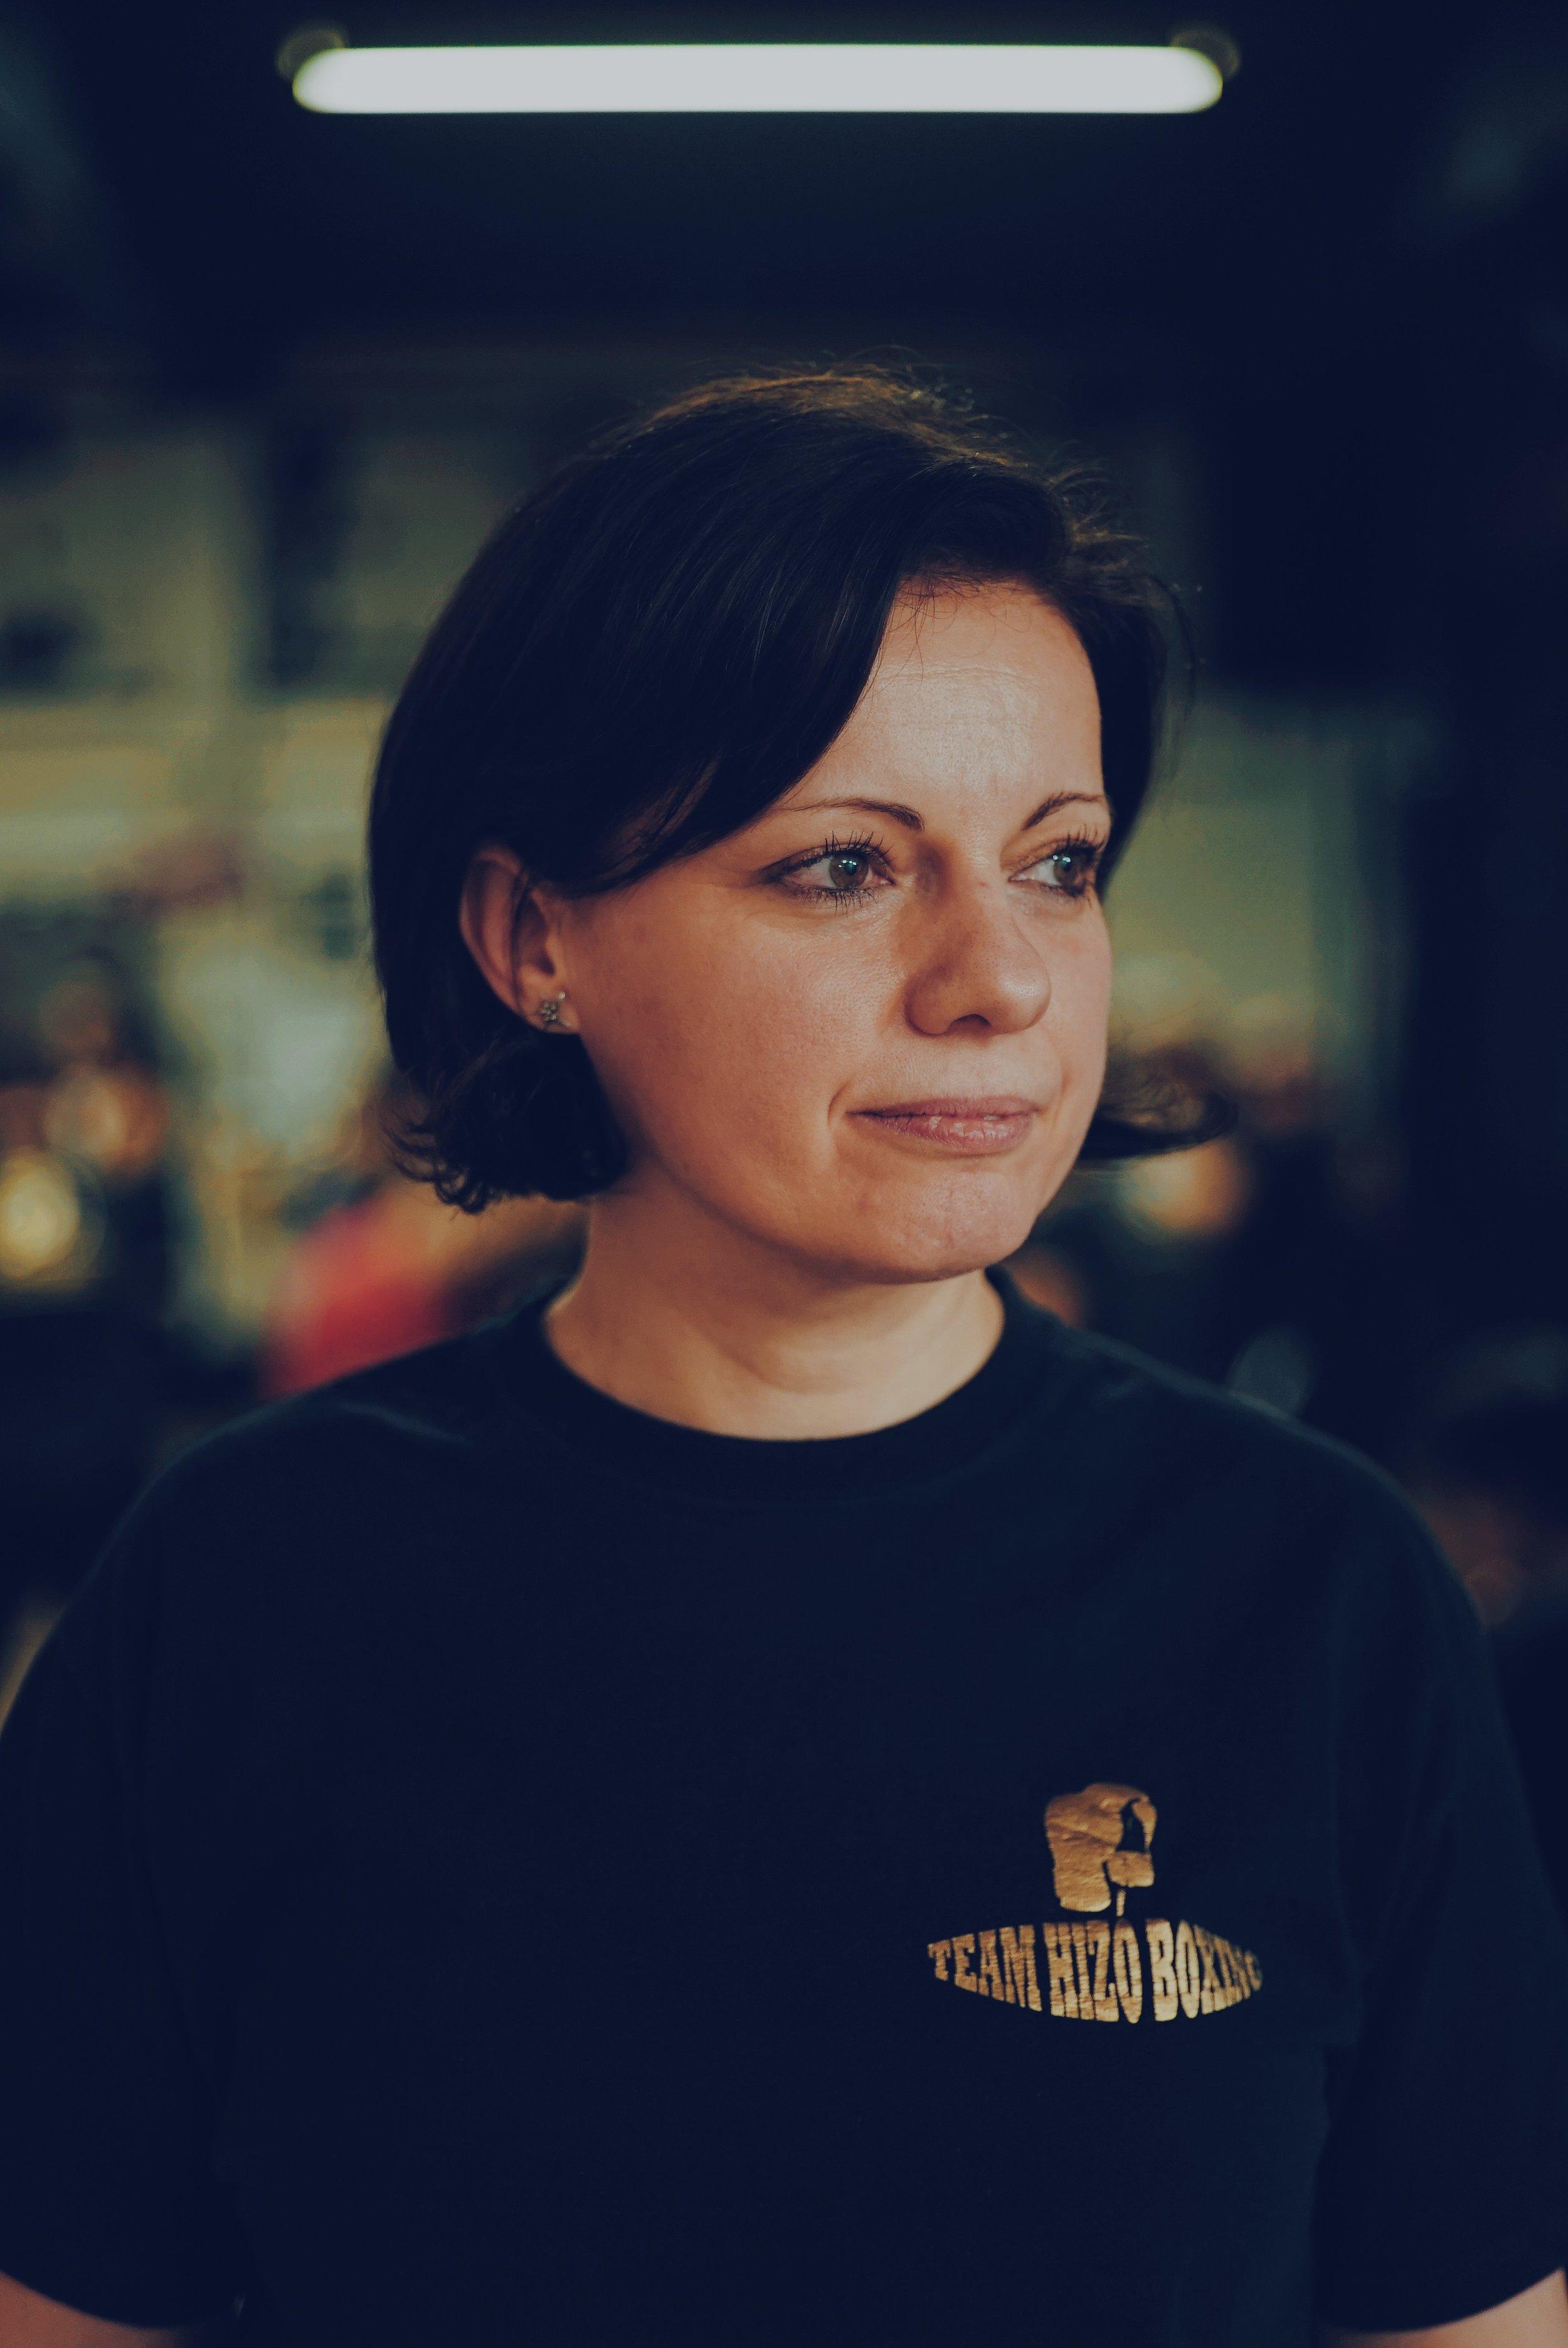 Barbara Hizo, Team Hizo Boxing Brighton